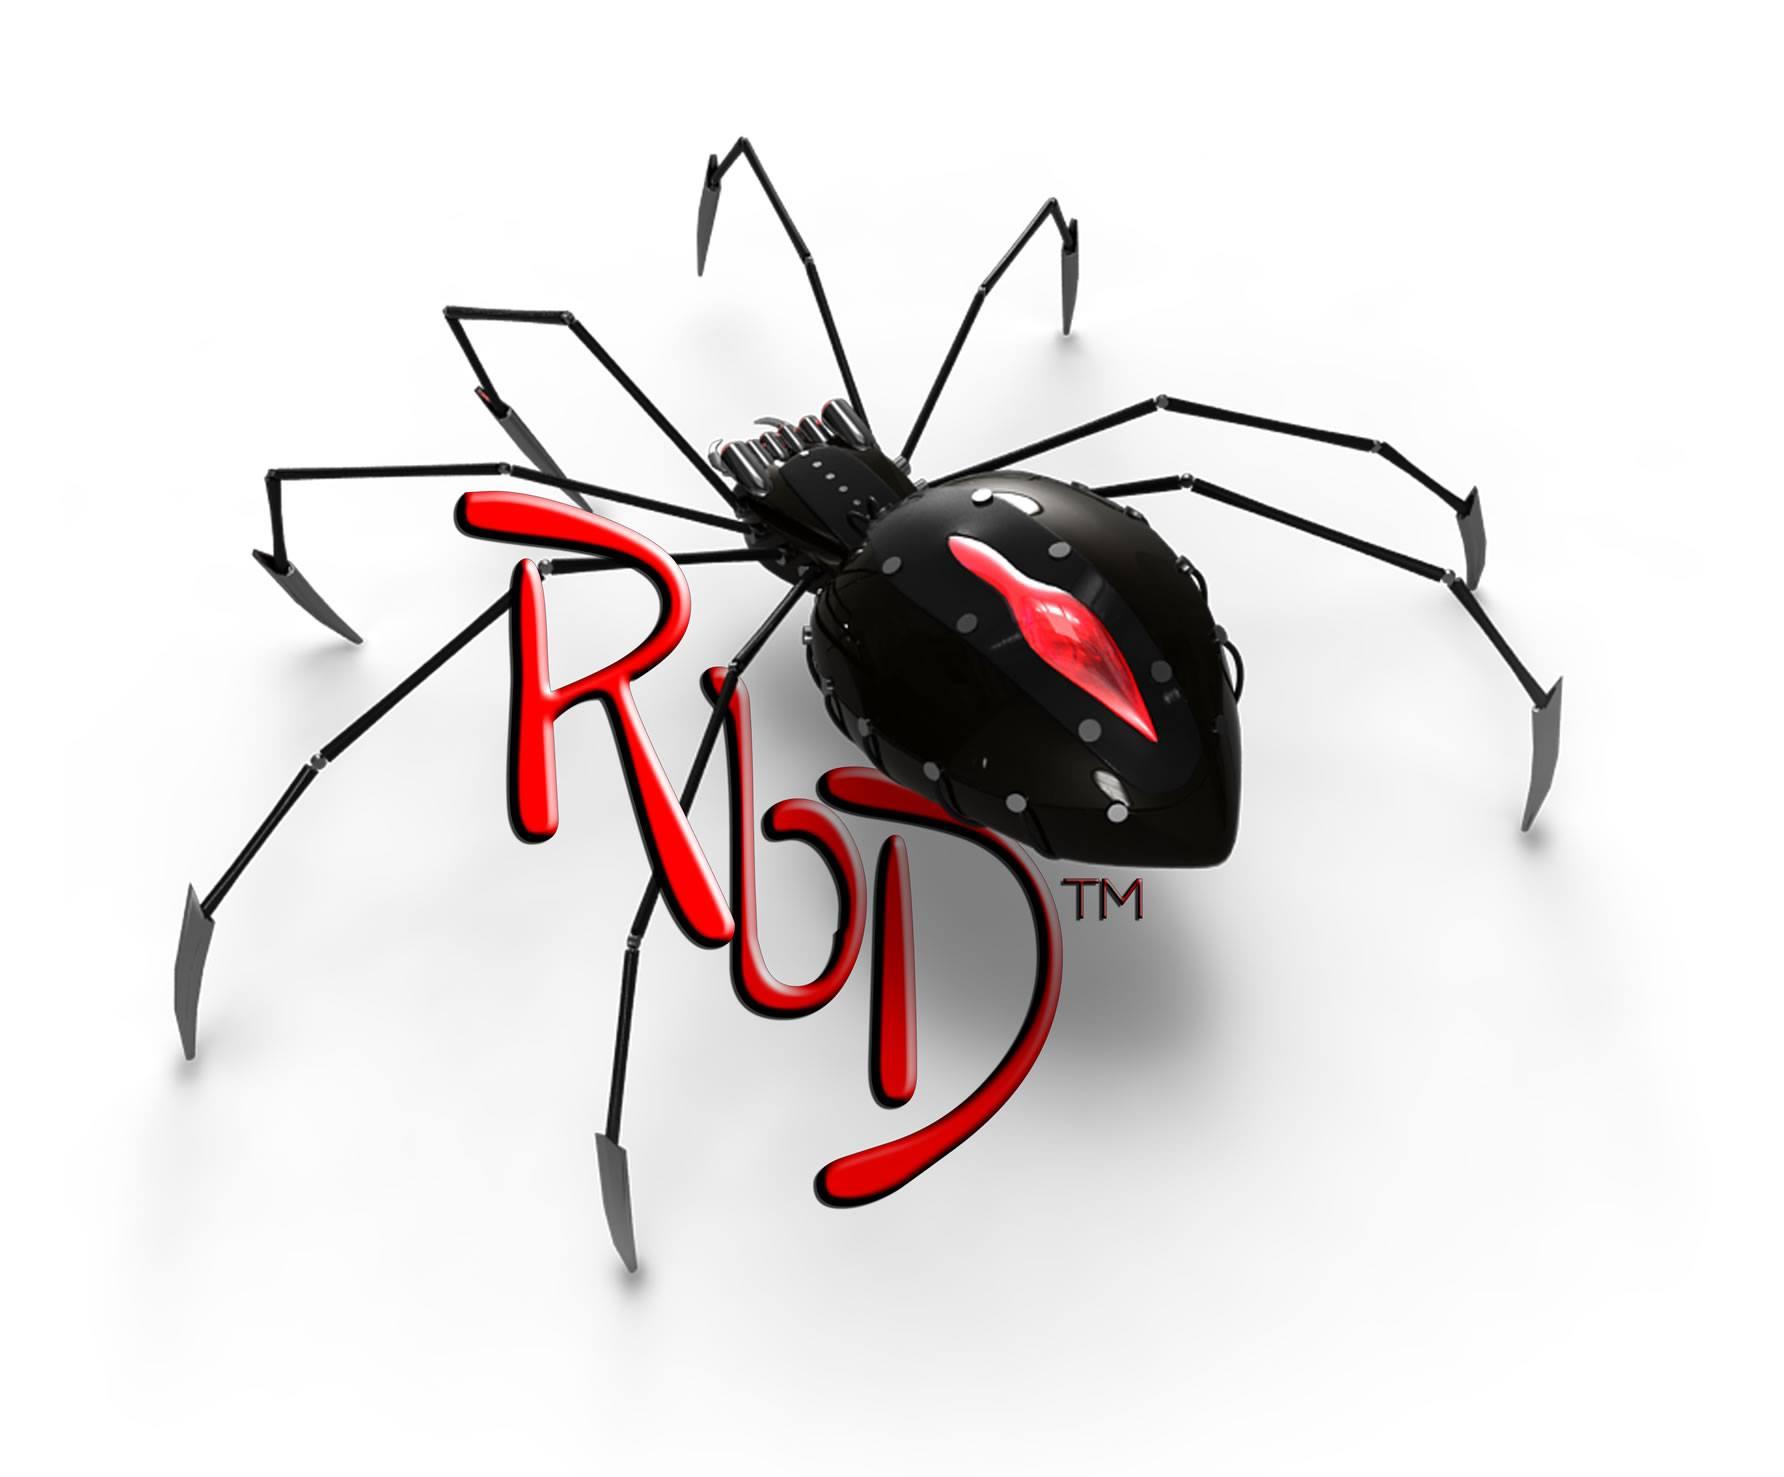 redback digital pty ltd